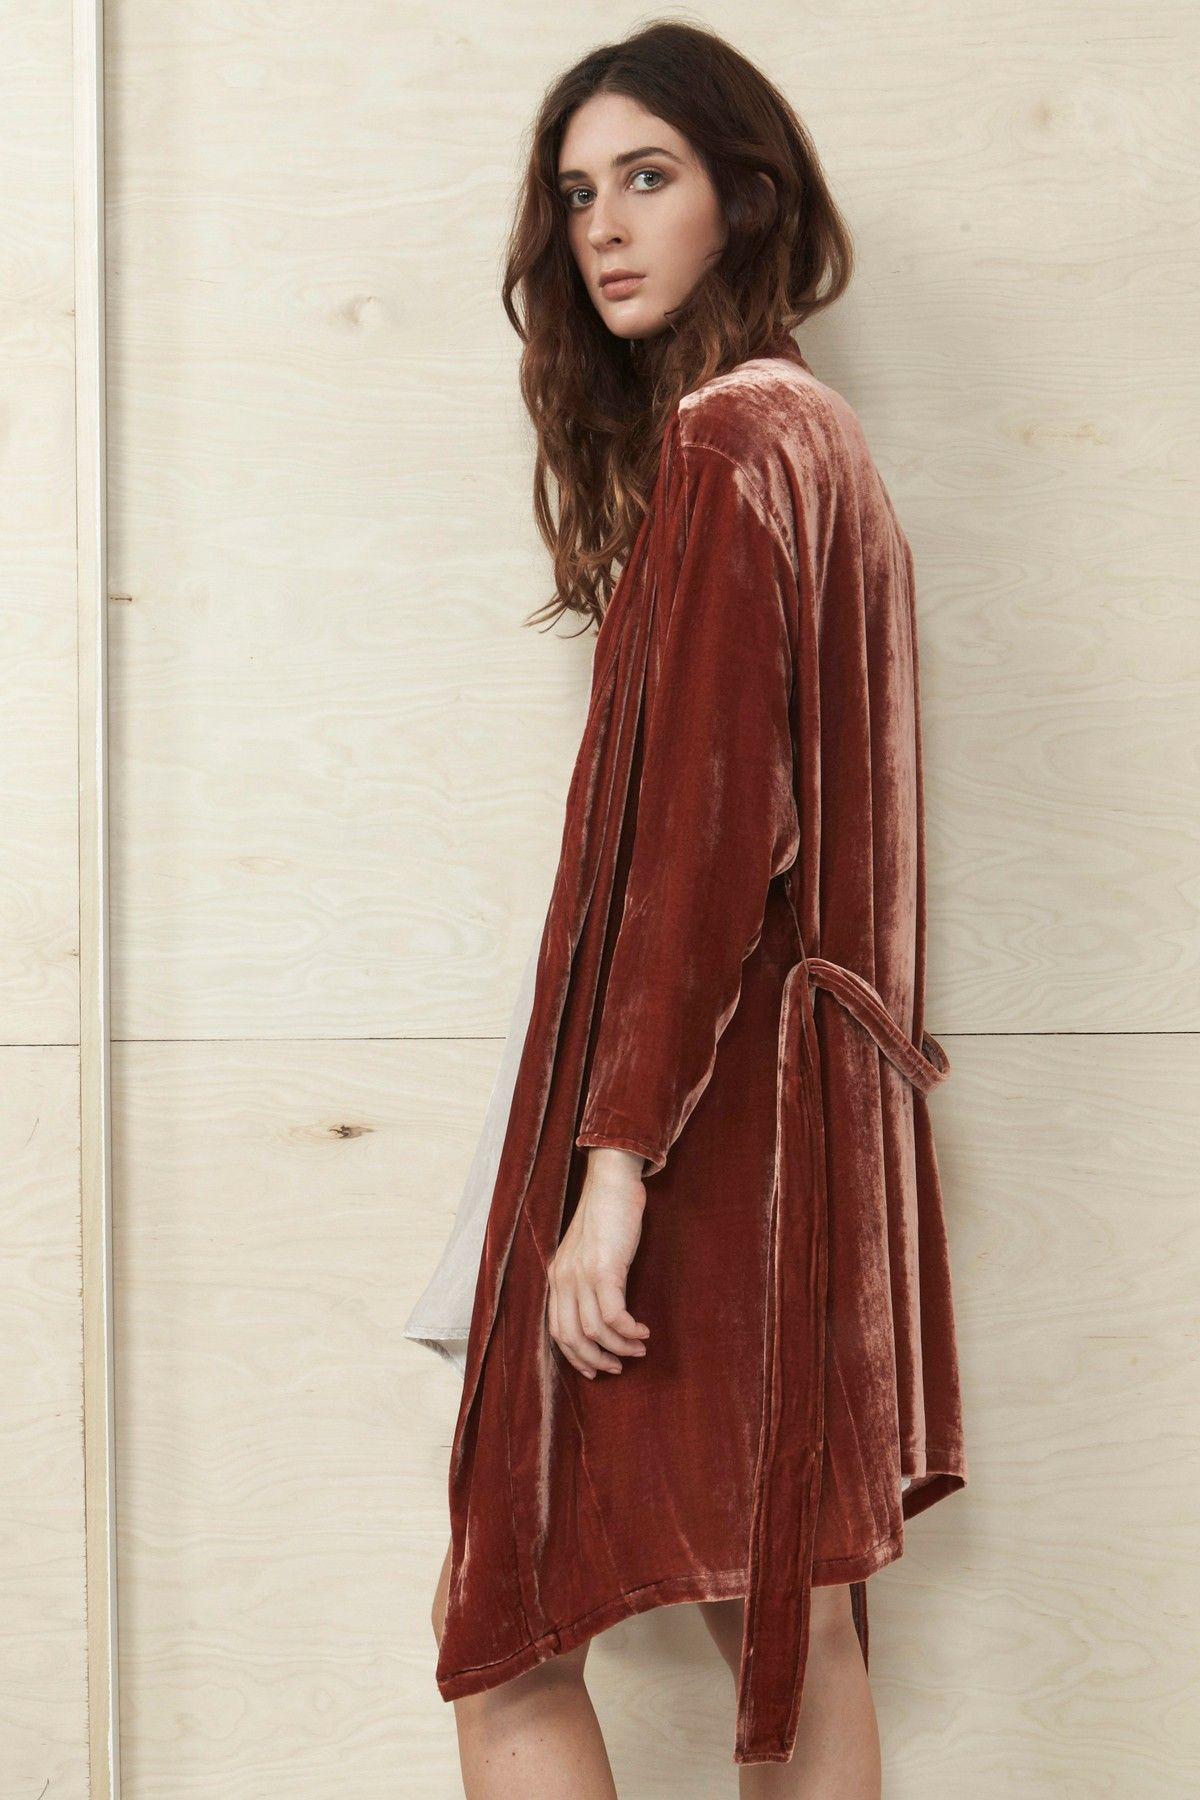 datura bcn   Velvet   Pinterest   Red velvet, Kimonos and Robe